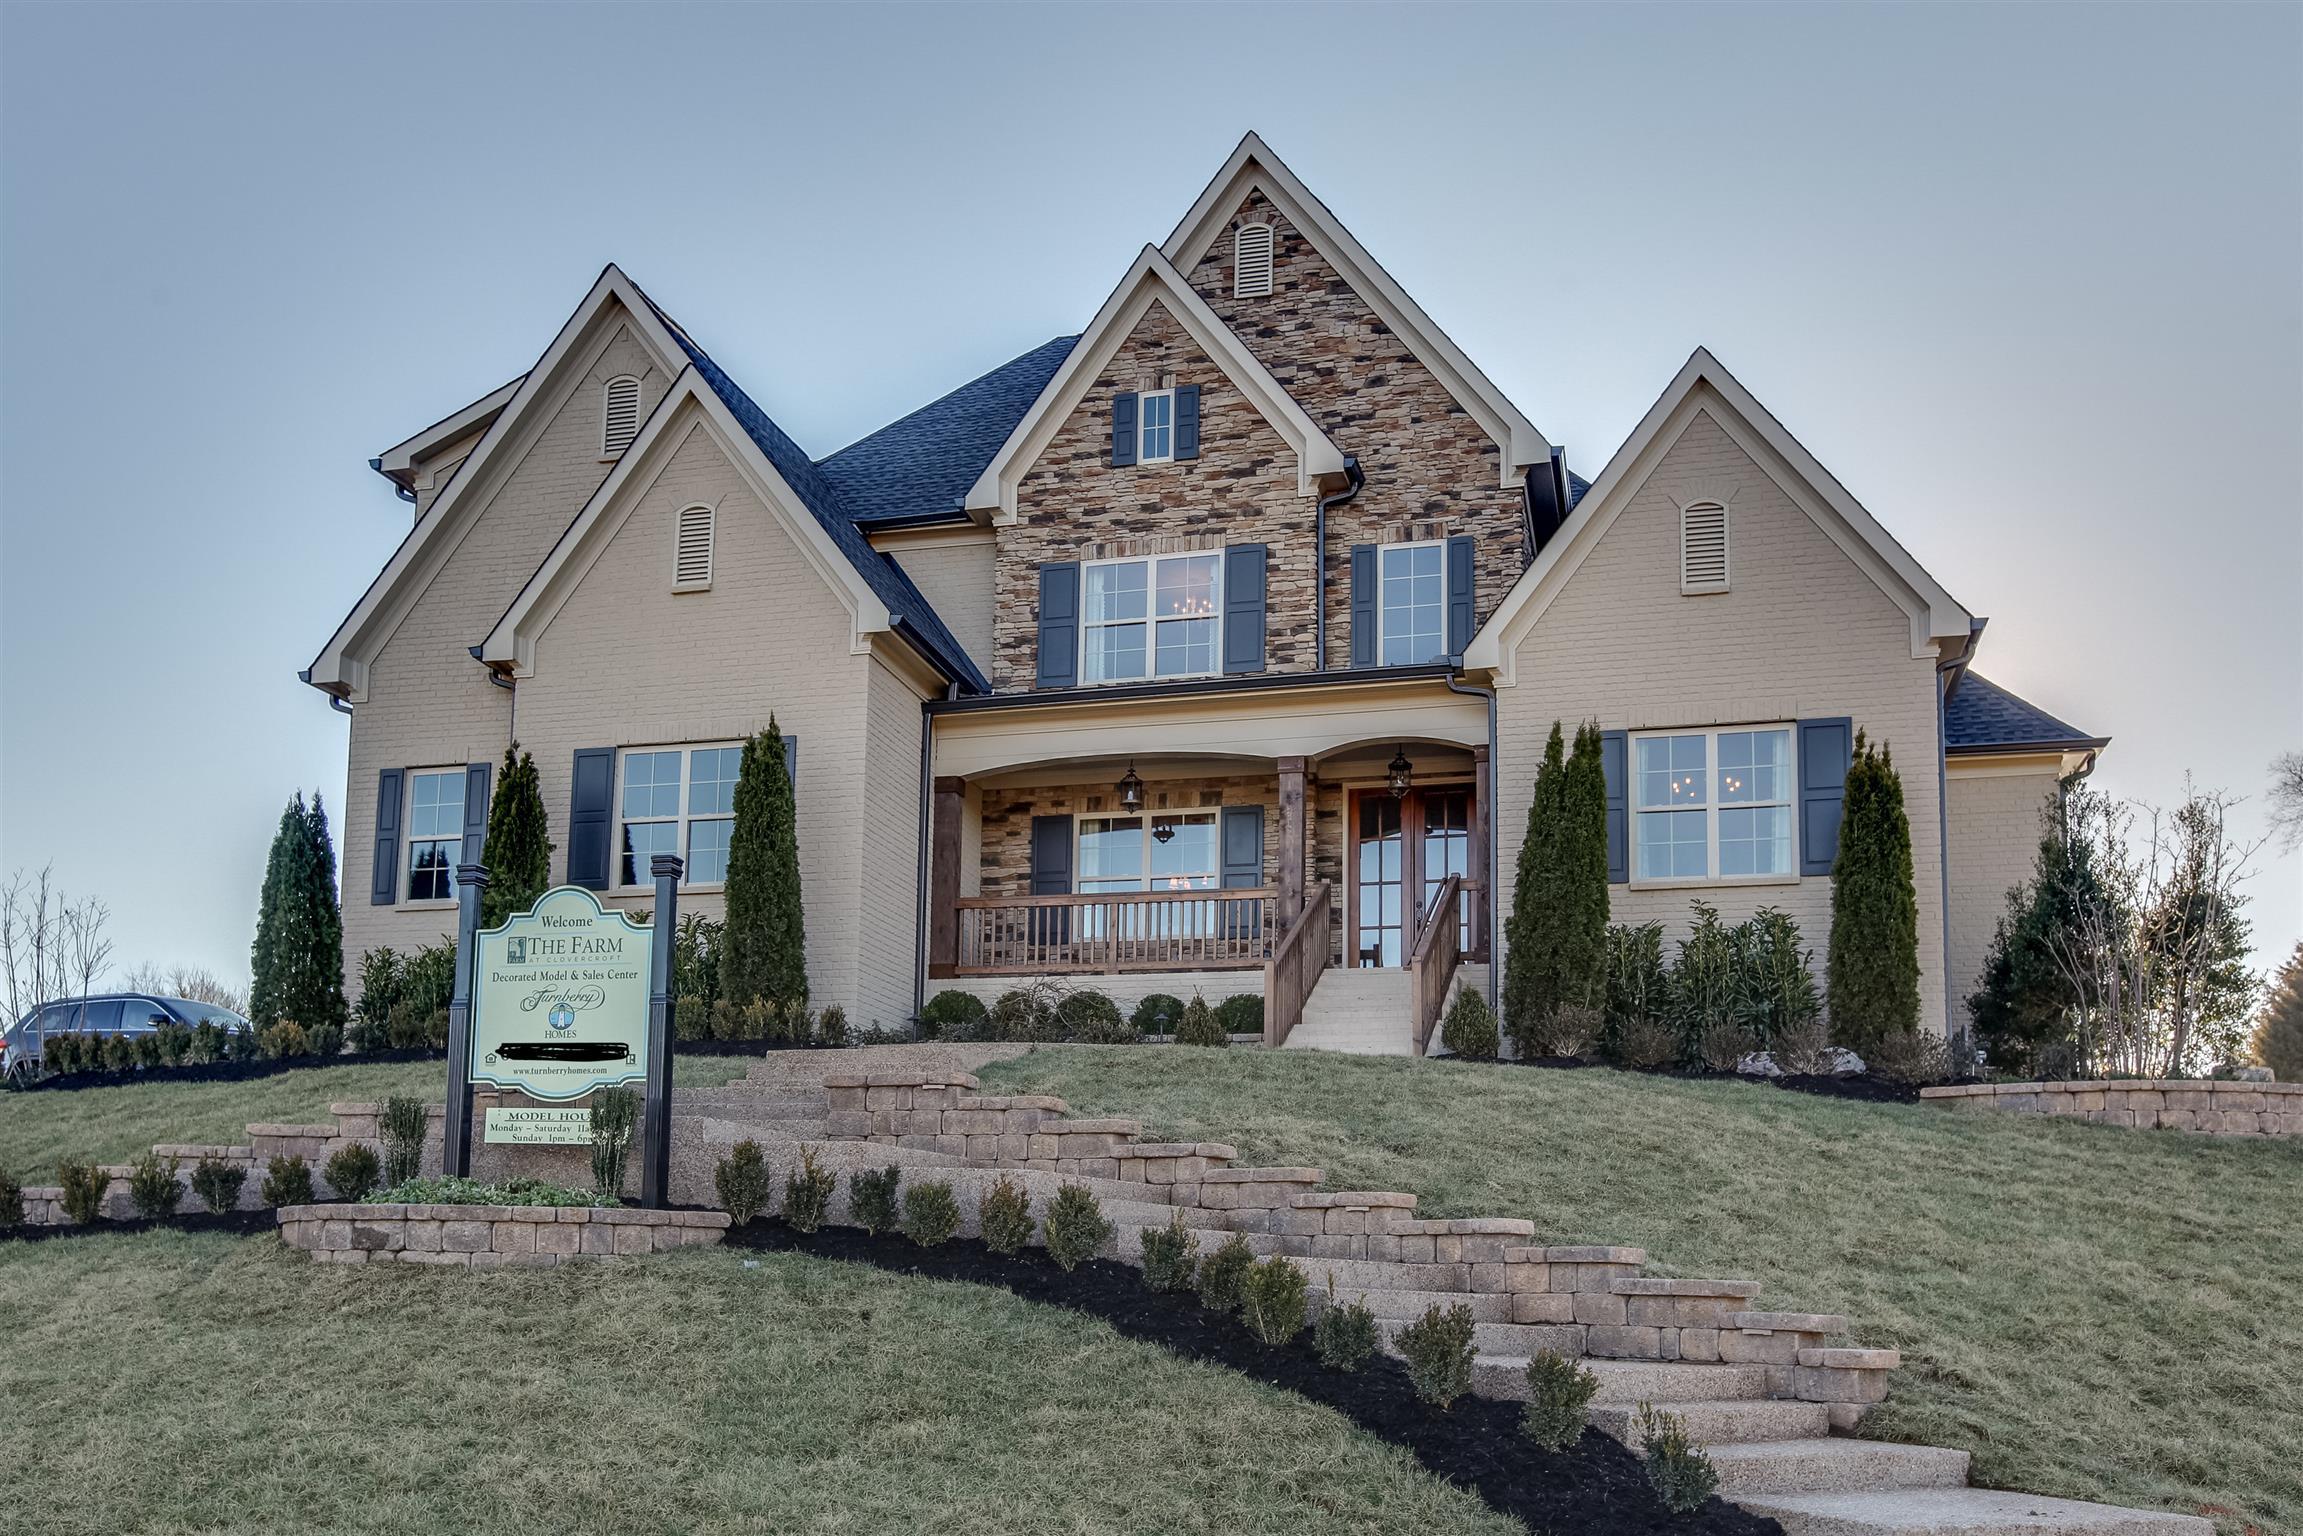 9105 Holstein Dr, Lot 119, Nolensville, TN 37135 - Nolensville, TN real estate listing